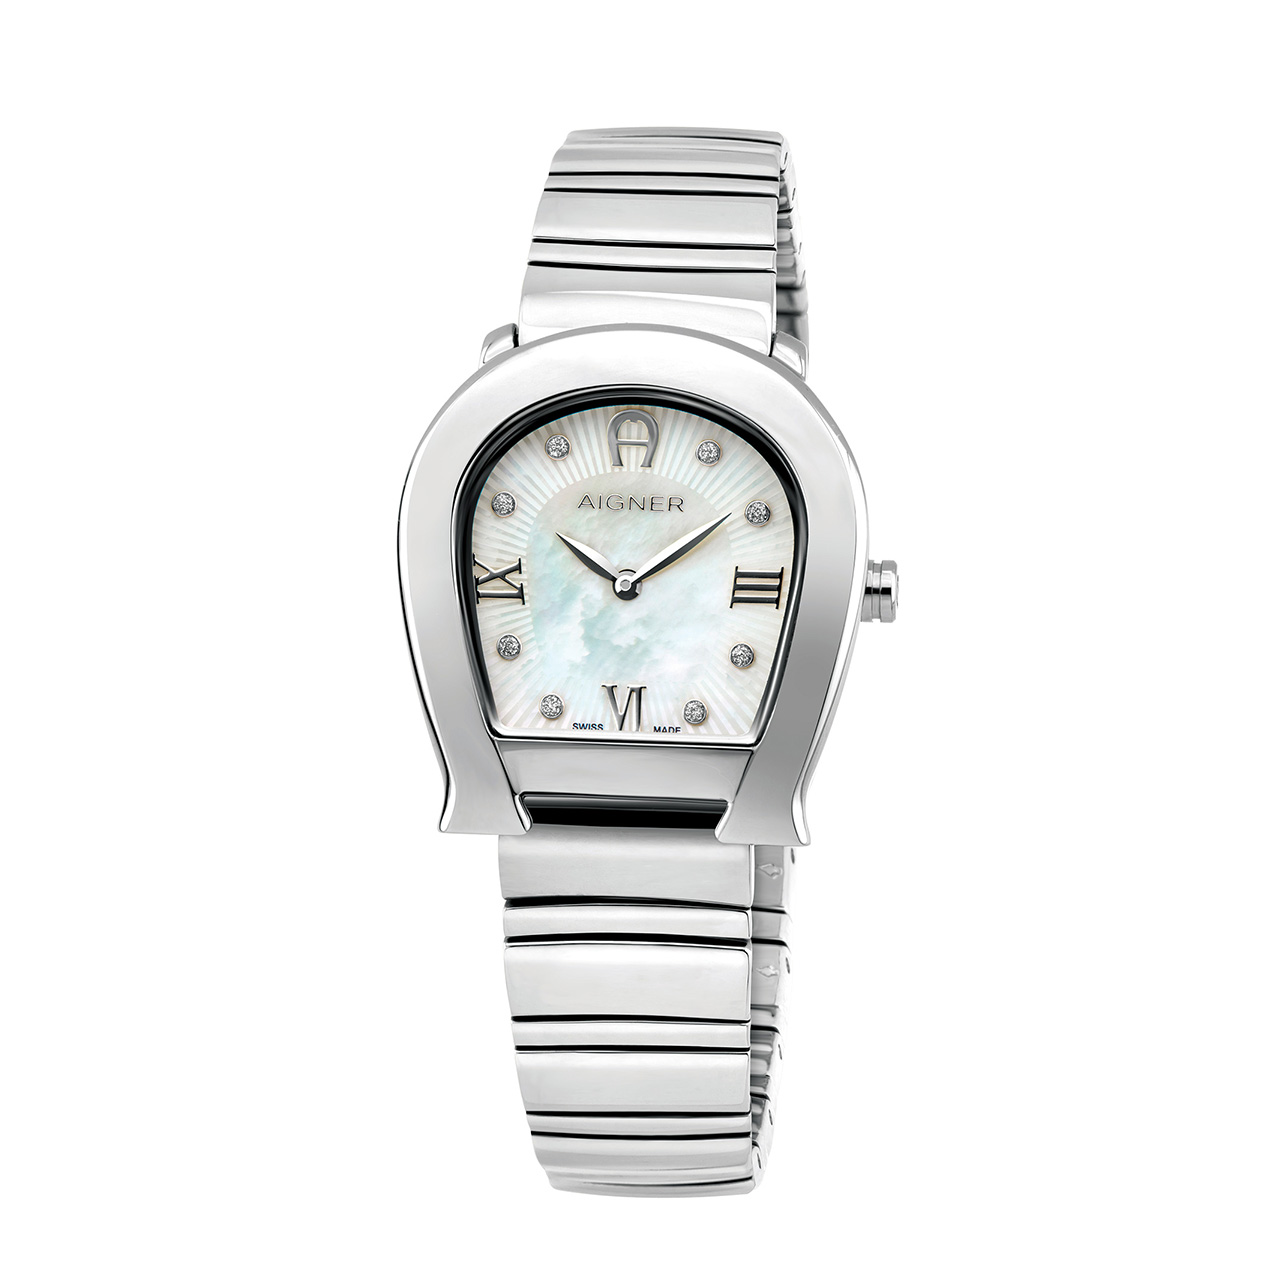 ساعت مچی عقربه ای زنانه اگنر مدل A40235